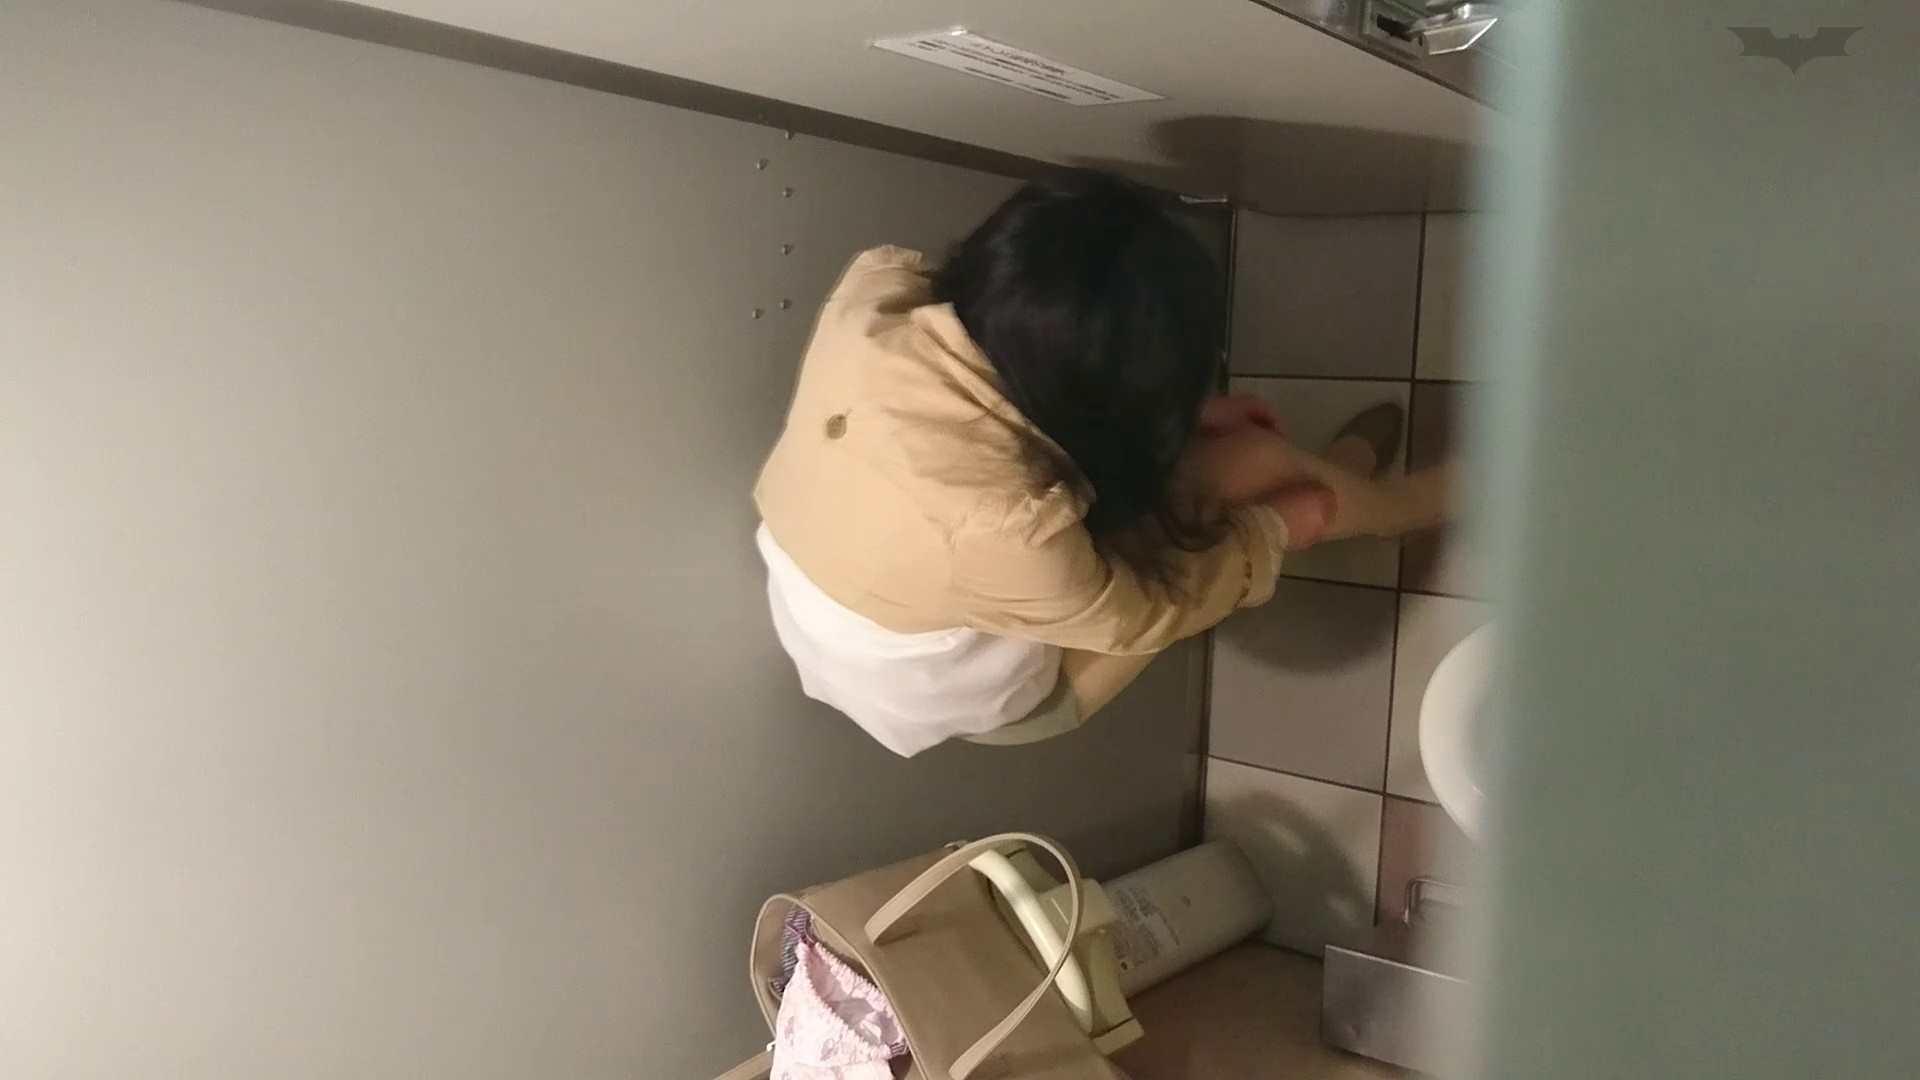 化粧室絵巻 ショッピングモール編 VOL.19 細身女性 ワレメ無修正動画無料 91画像 53